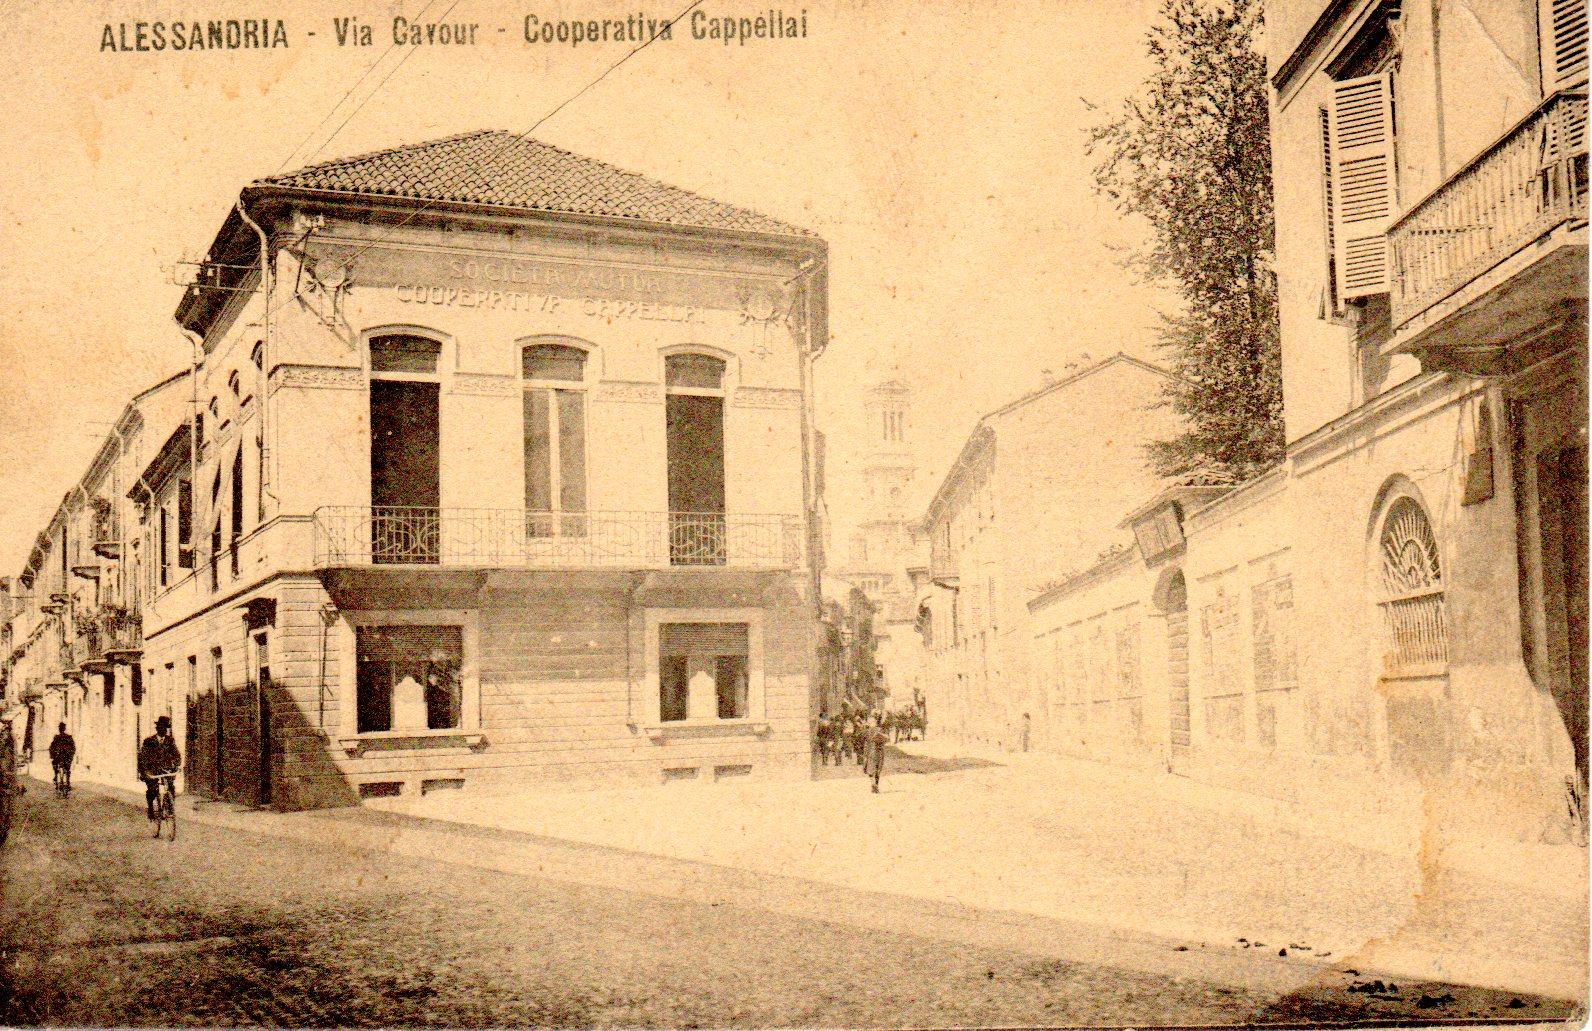 Via Cavour - Cooperativa Cappellai foto L. Forno - per gentile concessione